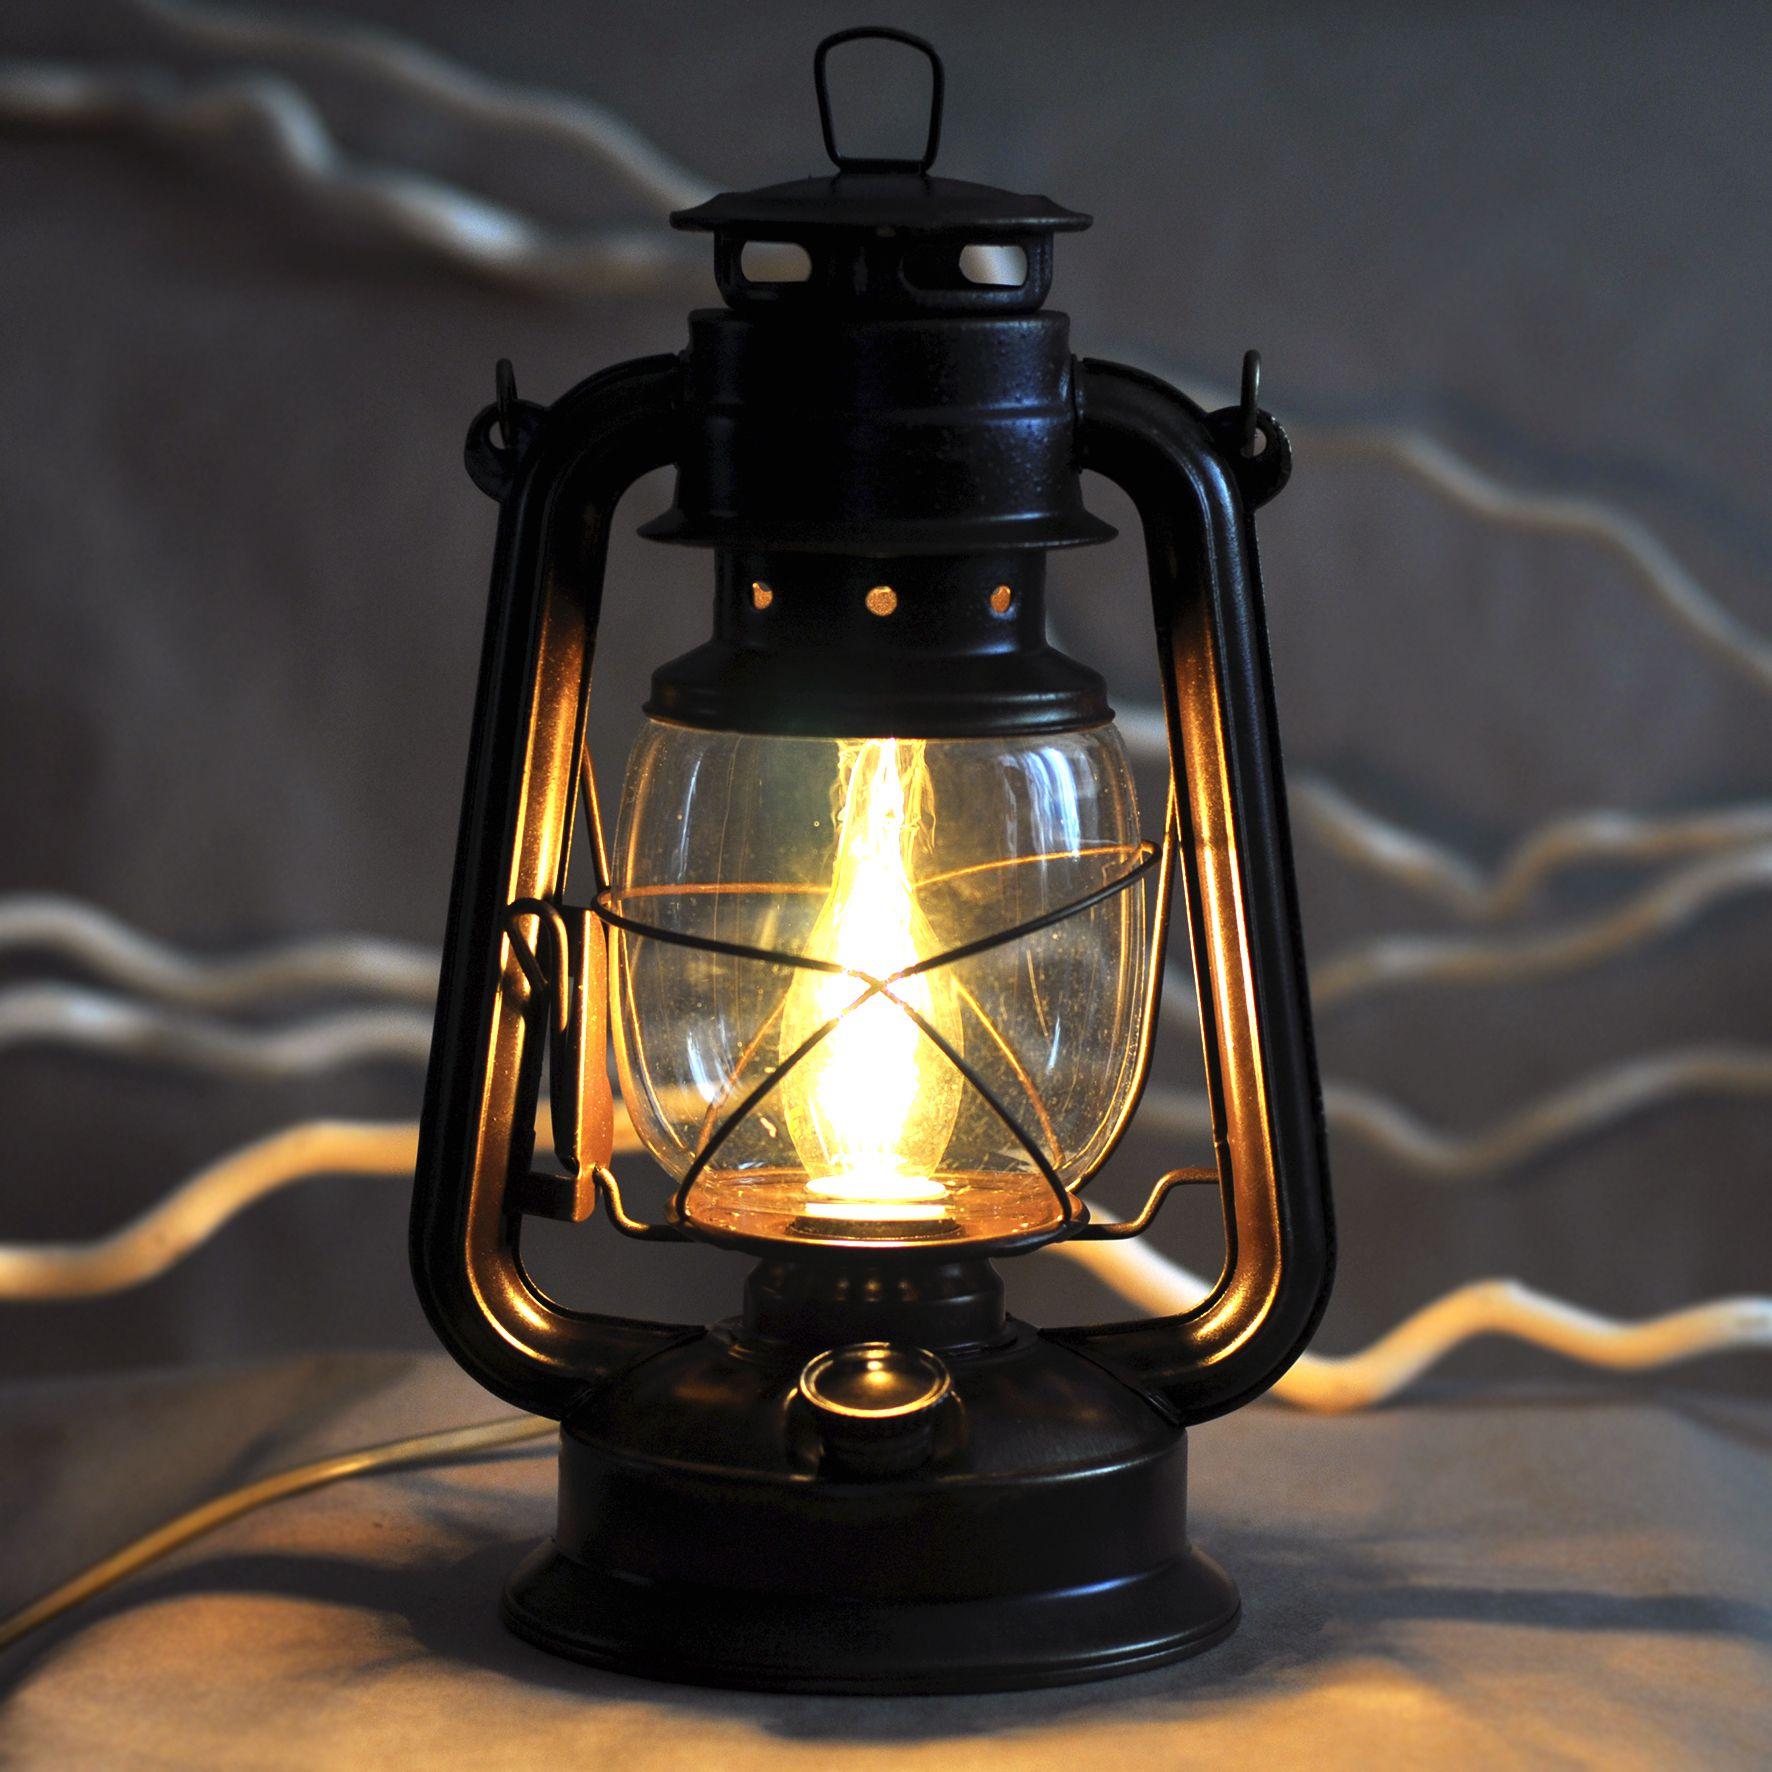 кольцевая лампа купить в нижнем новгороде